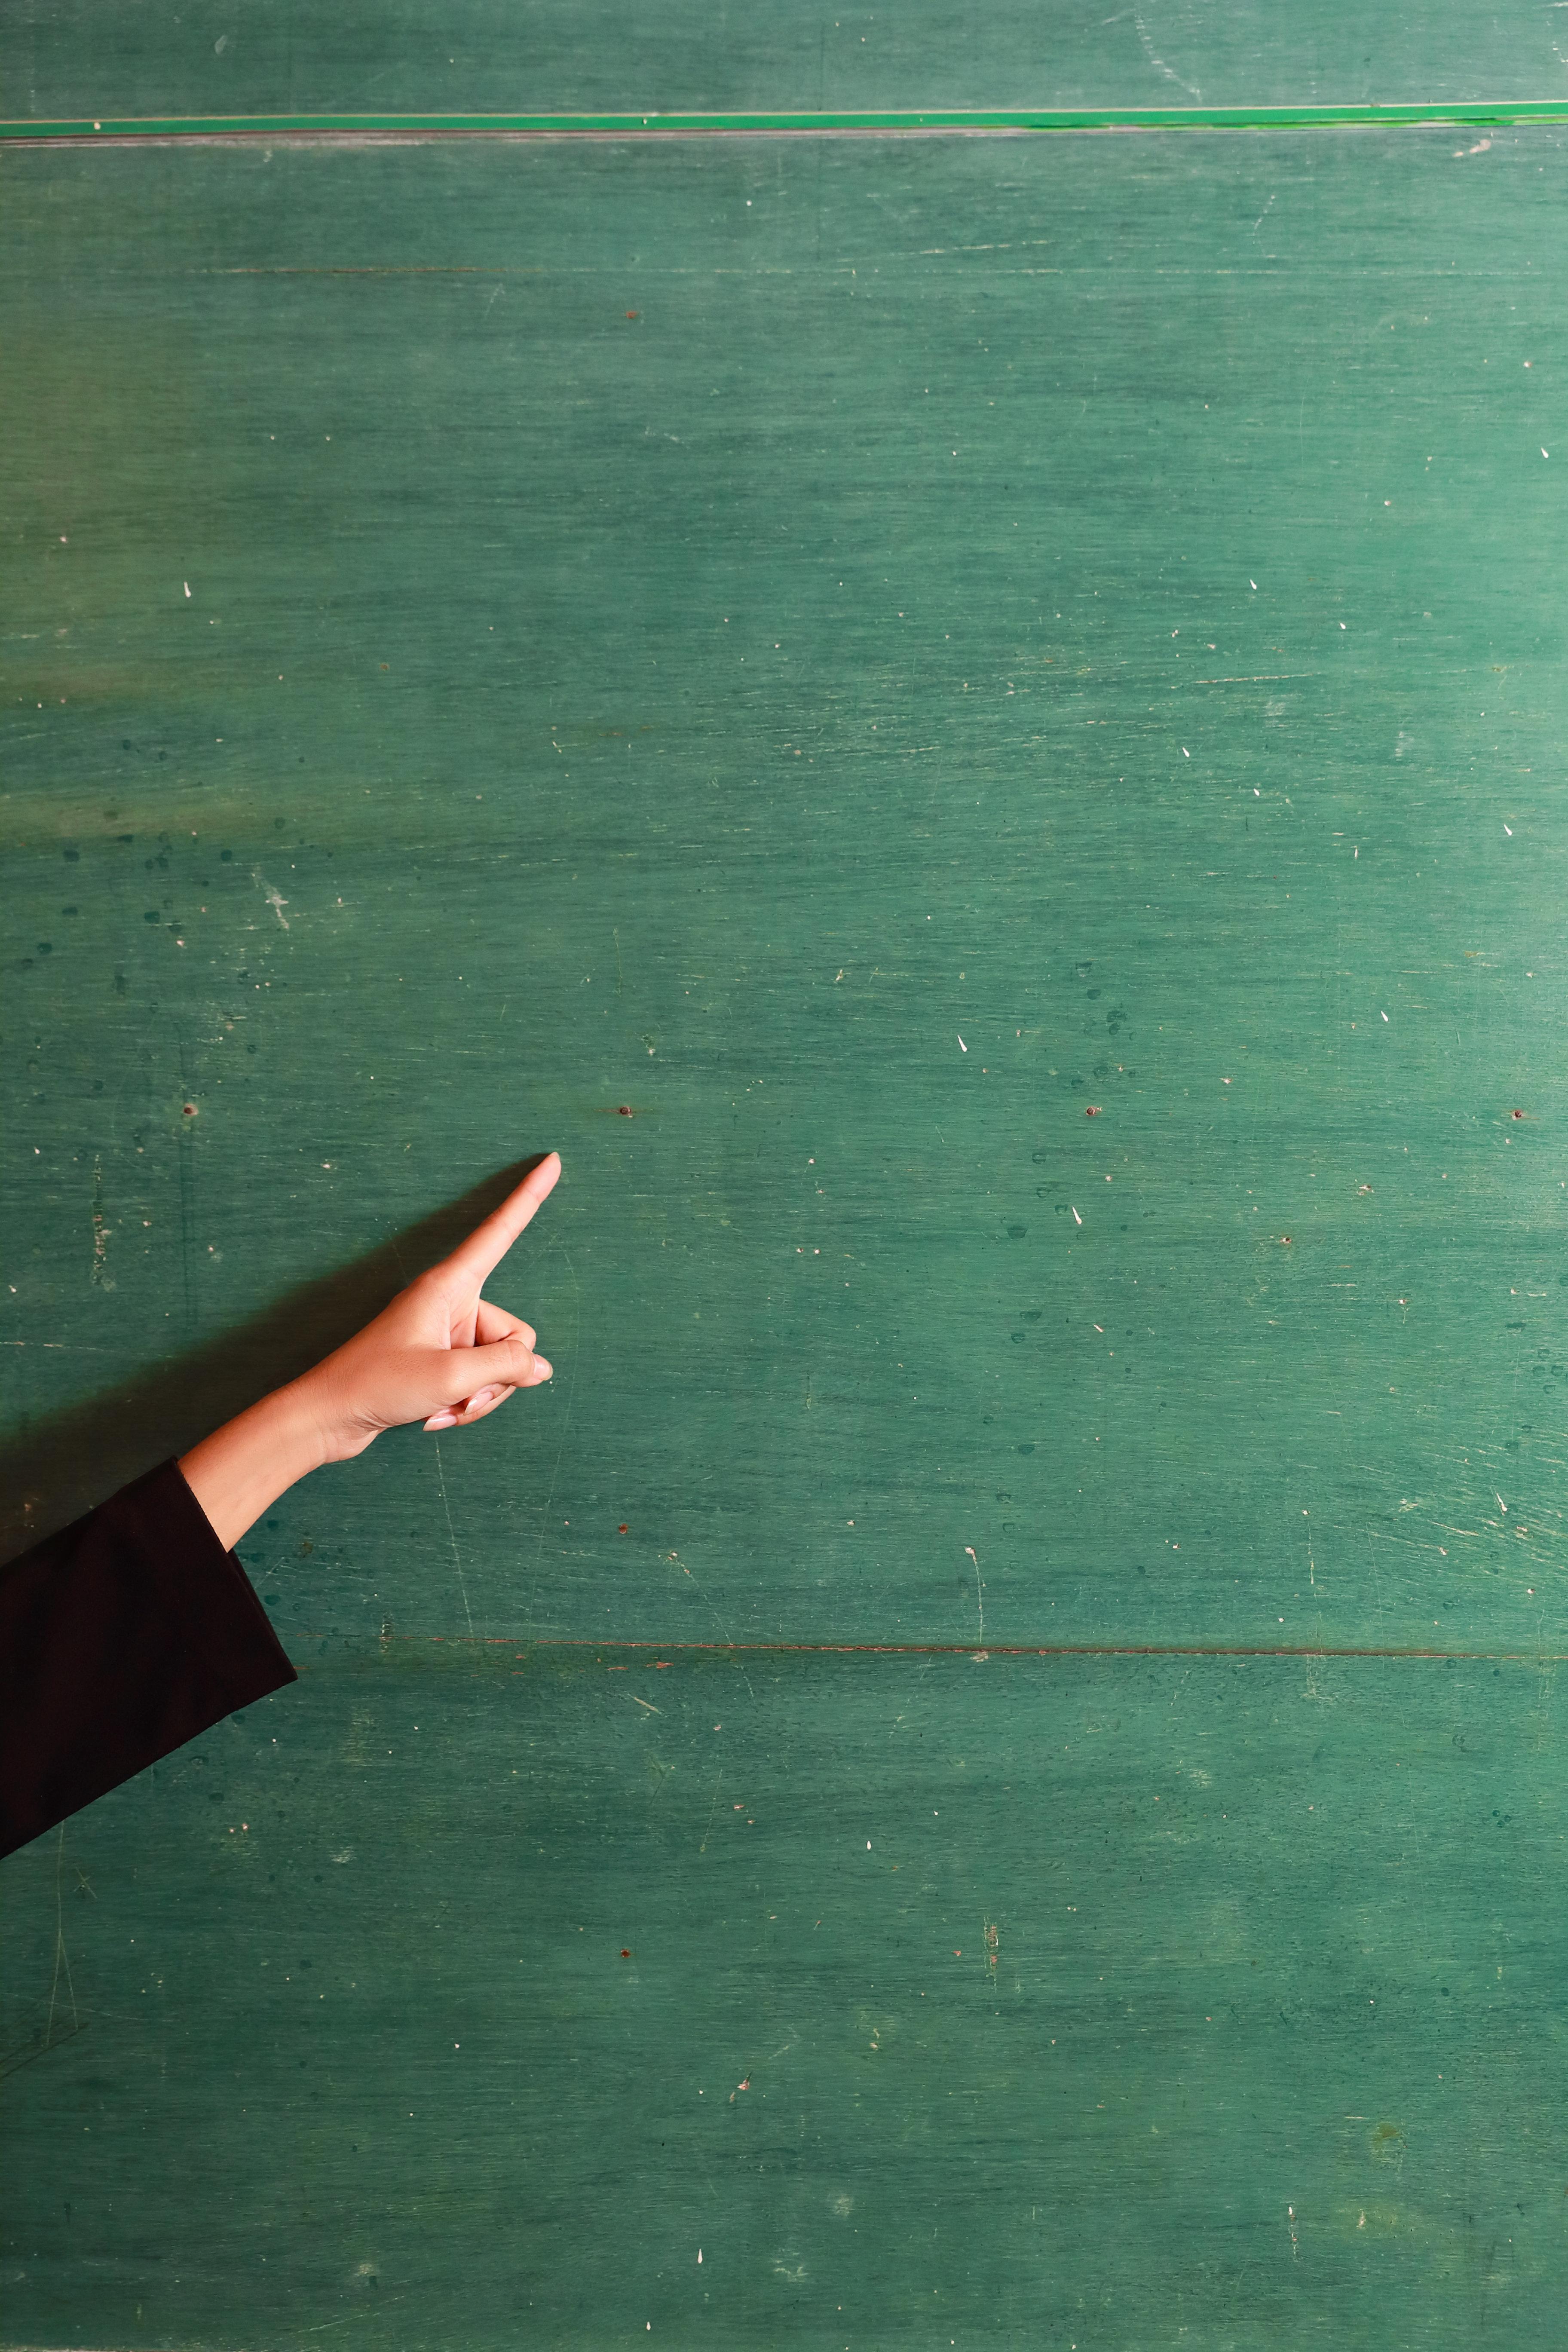 학부모가 초등학교 교실에 난입해 교사를